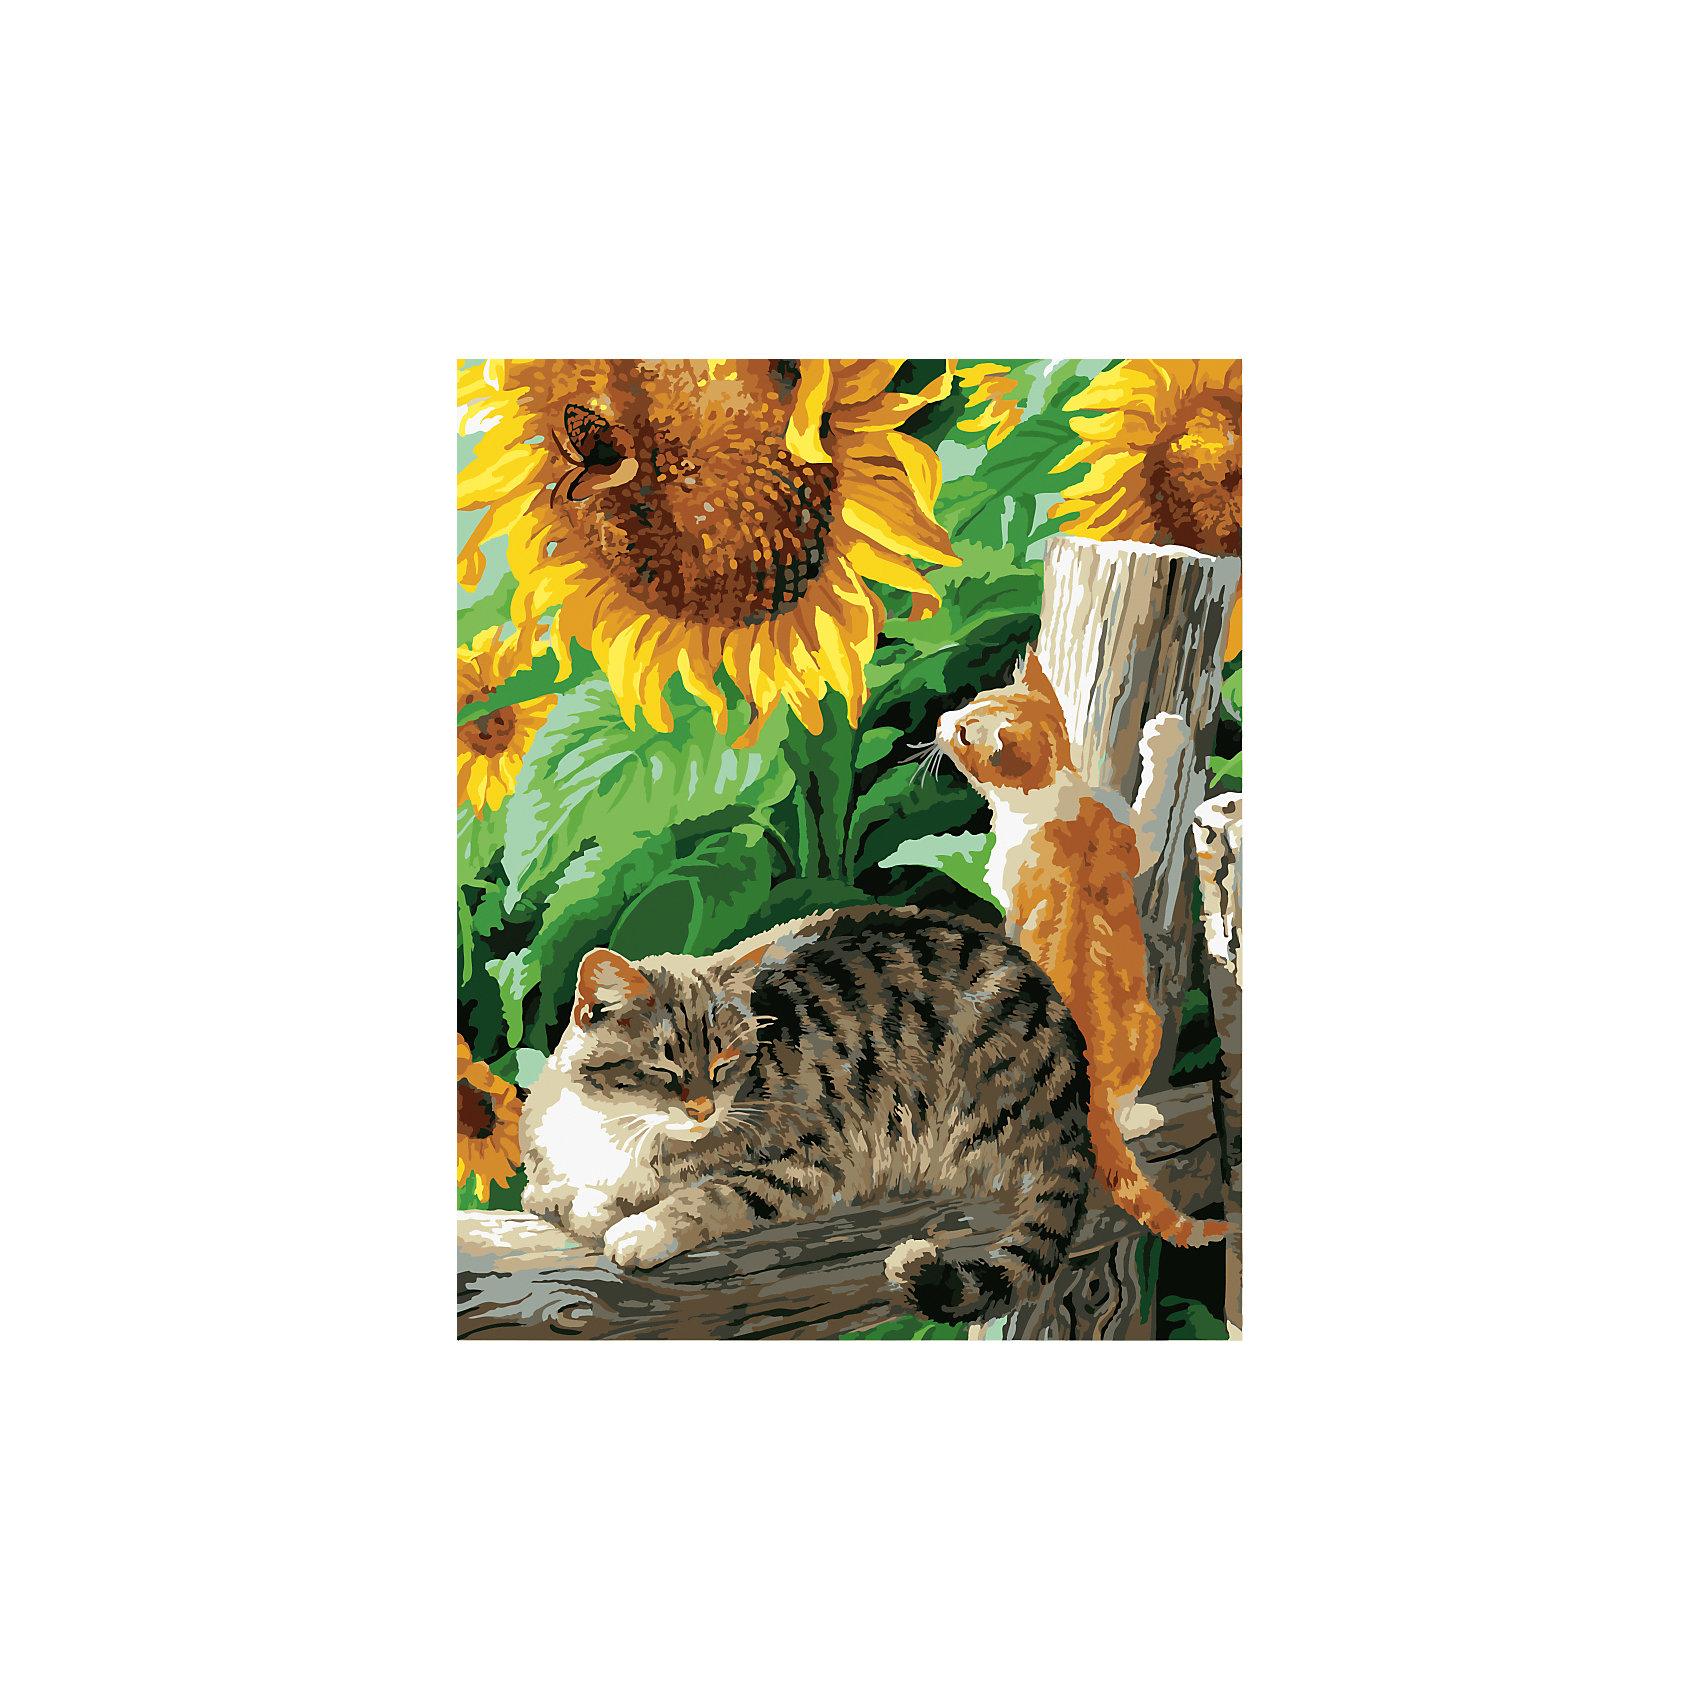 Роспись по номерам Кошка, котенок и бабочка 40*50смПоследняя цена<br>Характеристики товара:<br><br>- цвет: разноцветный;<br>- материал: бумага, акрил;<br>- комплектация: холст на подрамнике, кисти, краски, контрольный рисунок, инструкция;<br>- размер картины: 40х50 см;<br>- размер упаковки: 42х52х3 см.<br><br>Этот набор для рисования станет отличным подарком и для ребенка, и для взрослого. Он помогает развить художественные навыки, поверить в свои силы, а в итоге работы получается произведение искусства, которое может украсить интерьер!<br>Основа комплекта - это полотно на подрамнике размером 40 на 50 сантиметров, на которое нанесены контуры рисунка, а участки пронумерованы. Каждому номеру соответствует баночка с краской определенного оттенка. Для удобного нанесения акриловых красок на водной основе в наборе есть три разные кисти, с их помощью даже мелкие детали можно аккуратно и красиво прорисовать. Чтобы контролировать процесс, можно сверяться с контрольным рисунком, на котором изображена готовая картина.<br>Роспись по такой схеме помогает развивать зрительную память, концентрацию внимания, мелкую моторику и цветовосприятие.<br><br>Роспись по номерам Кошка, котенок и бабочка 40*50 см можно купить в нашем интернет-магазине.<br><br>Ширина мм: 420<br>Глубина мм: 520<br>Высота мм: 50<br>Вес г: 900<br>Возраст от месяцев: 36<br>Возраст до месяцев: 2147483647<br>Пол: Унисекс<br>Возраст: Детский<br>SKU: 5117539